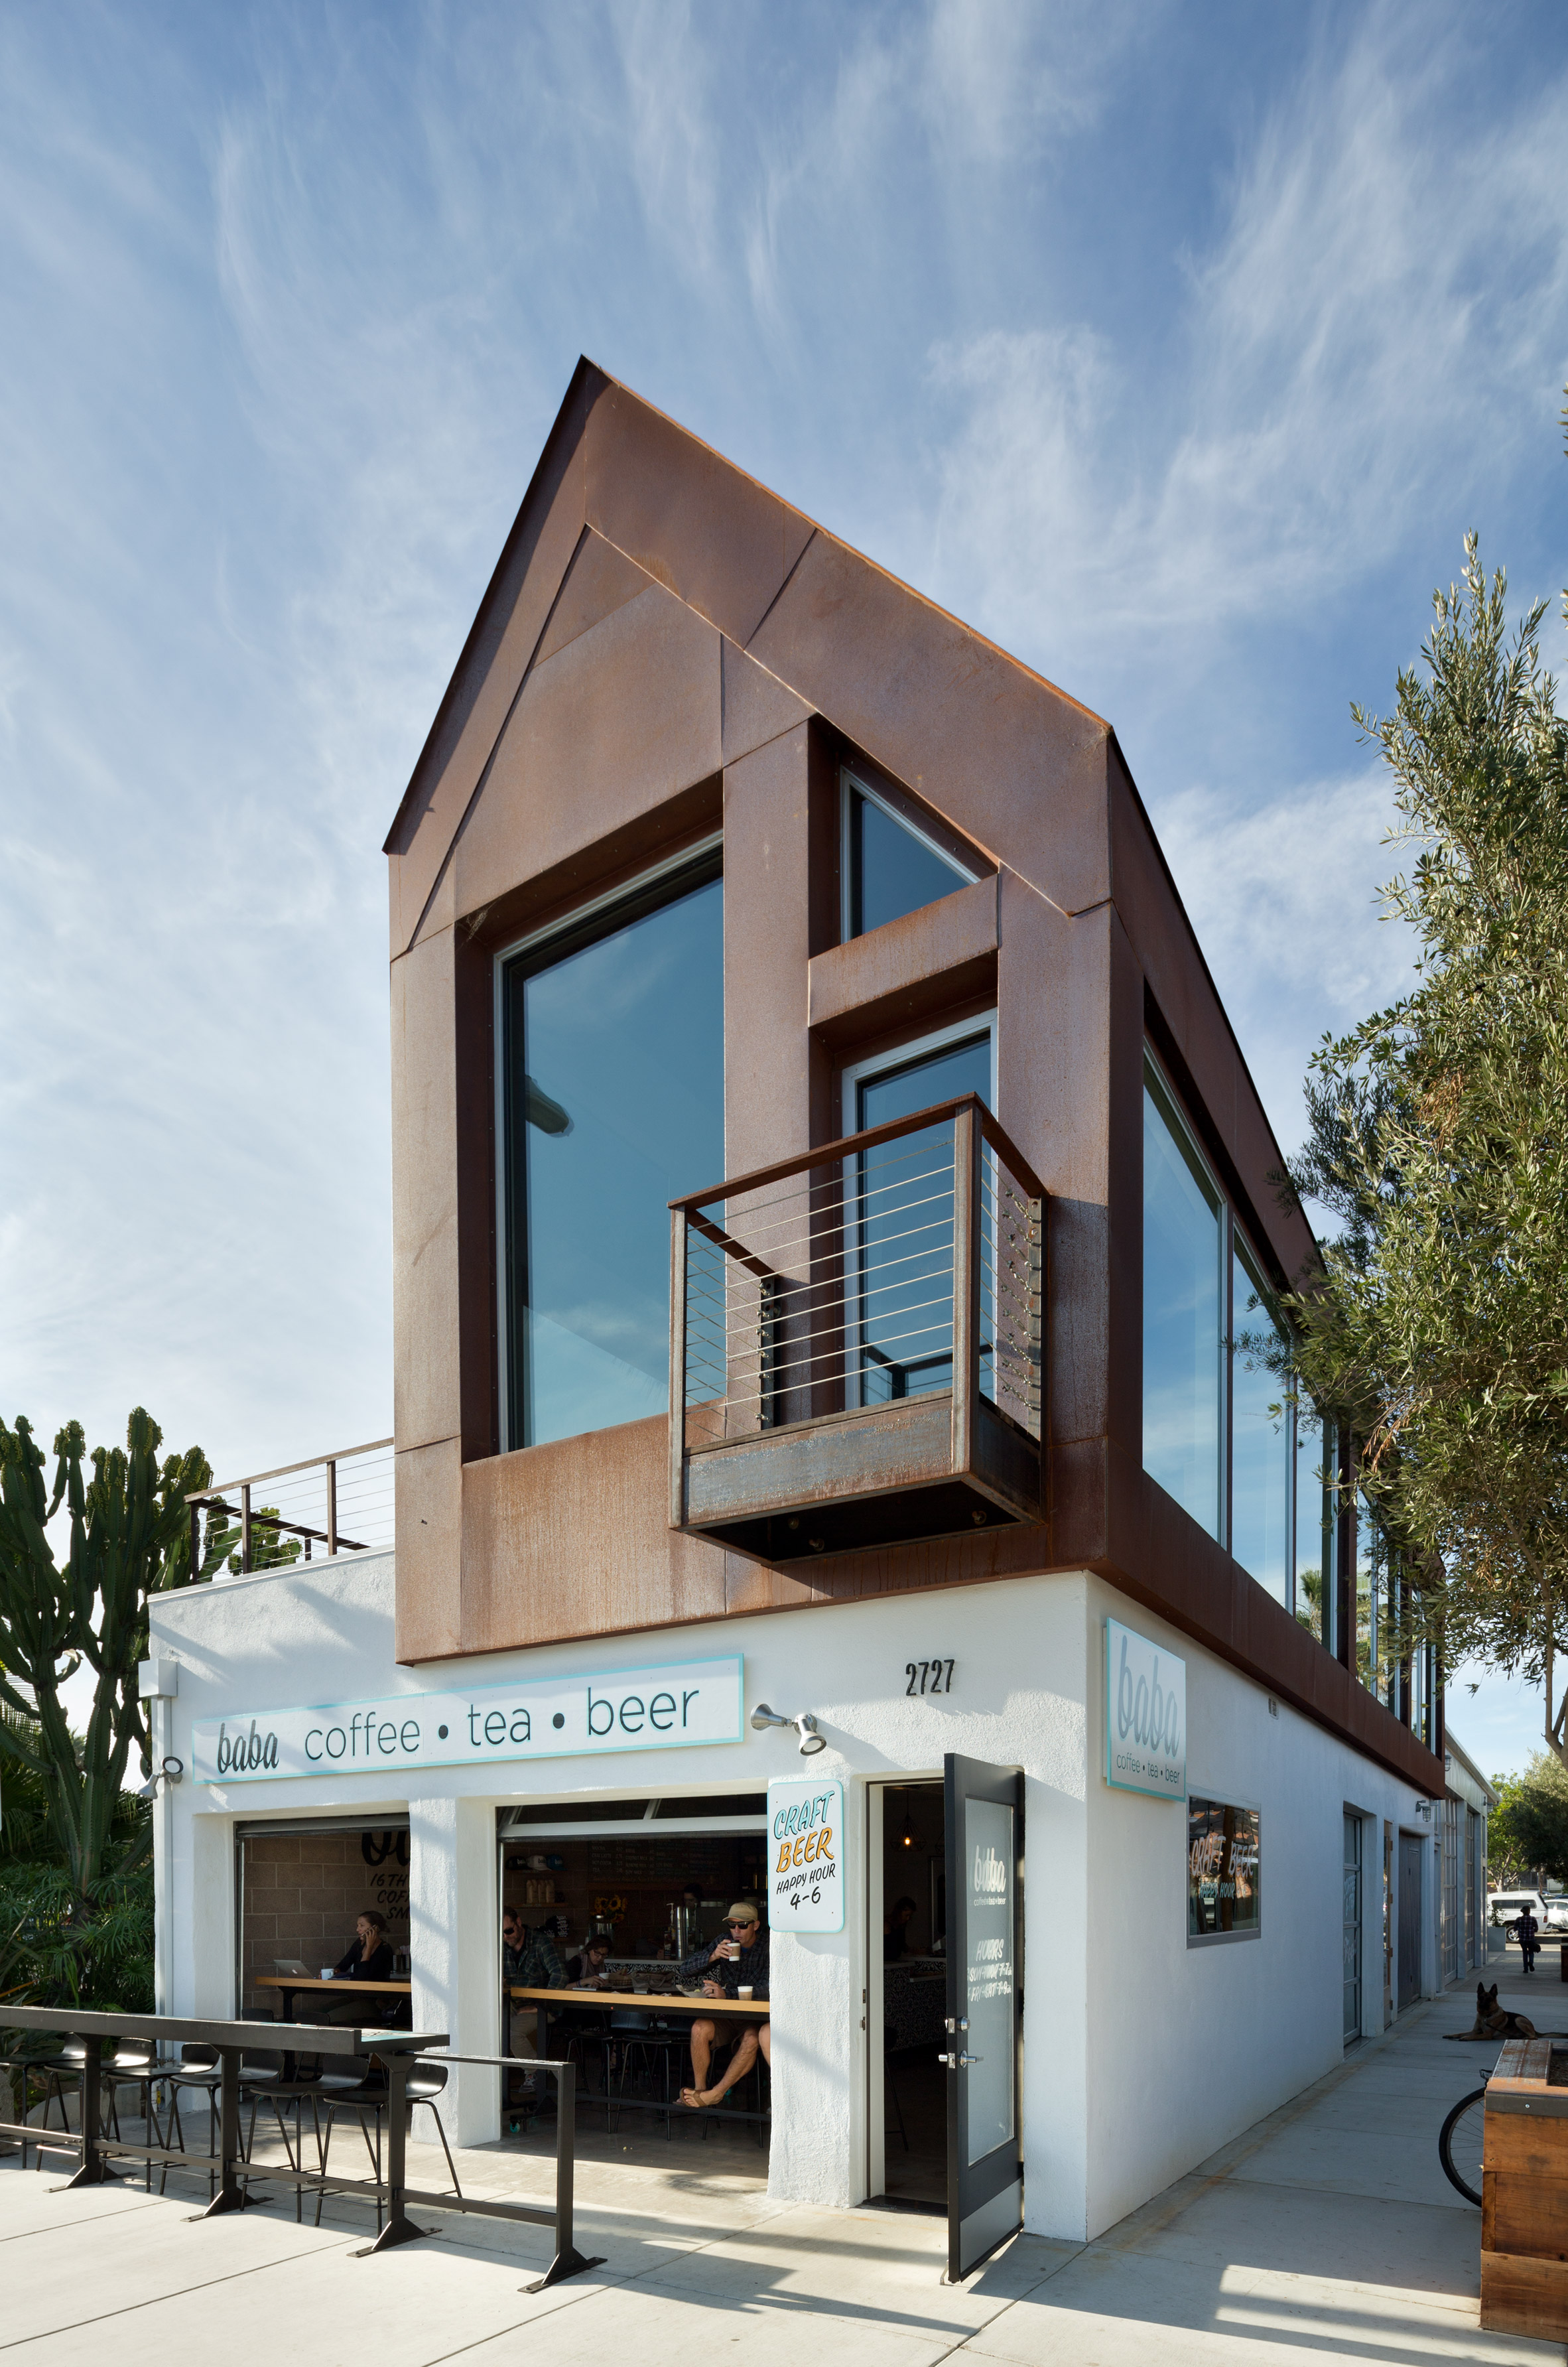 Brett Farrow converts auto body shop into restaurant complex in Southern California